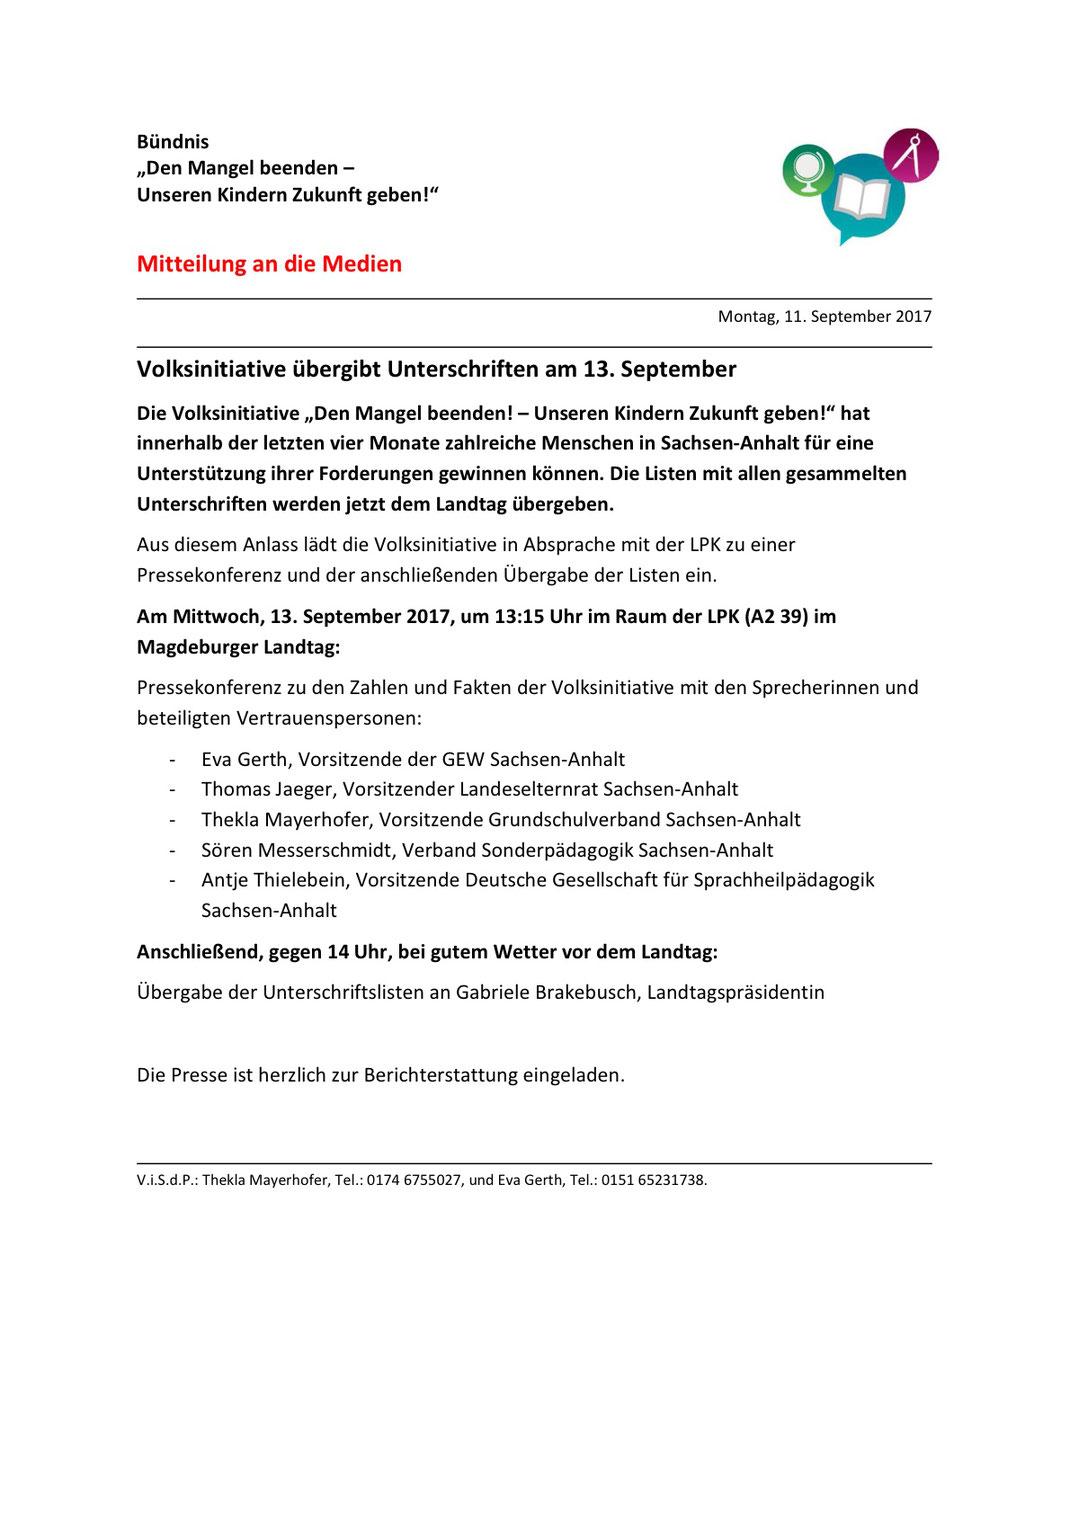 Ausgezeichnet App Pressemitteilung Vorlage Galerie - Beispiel ...